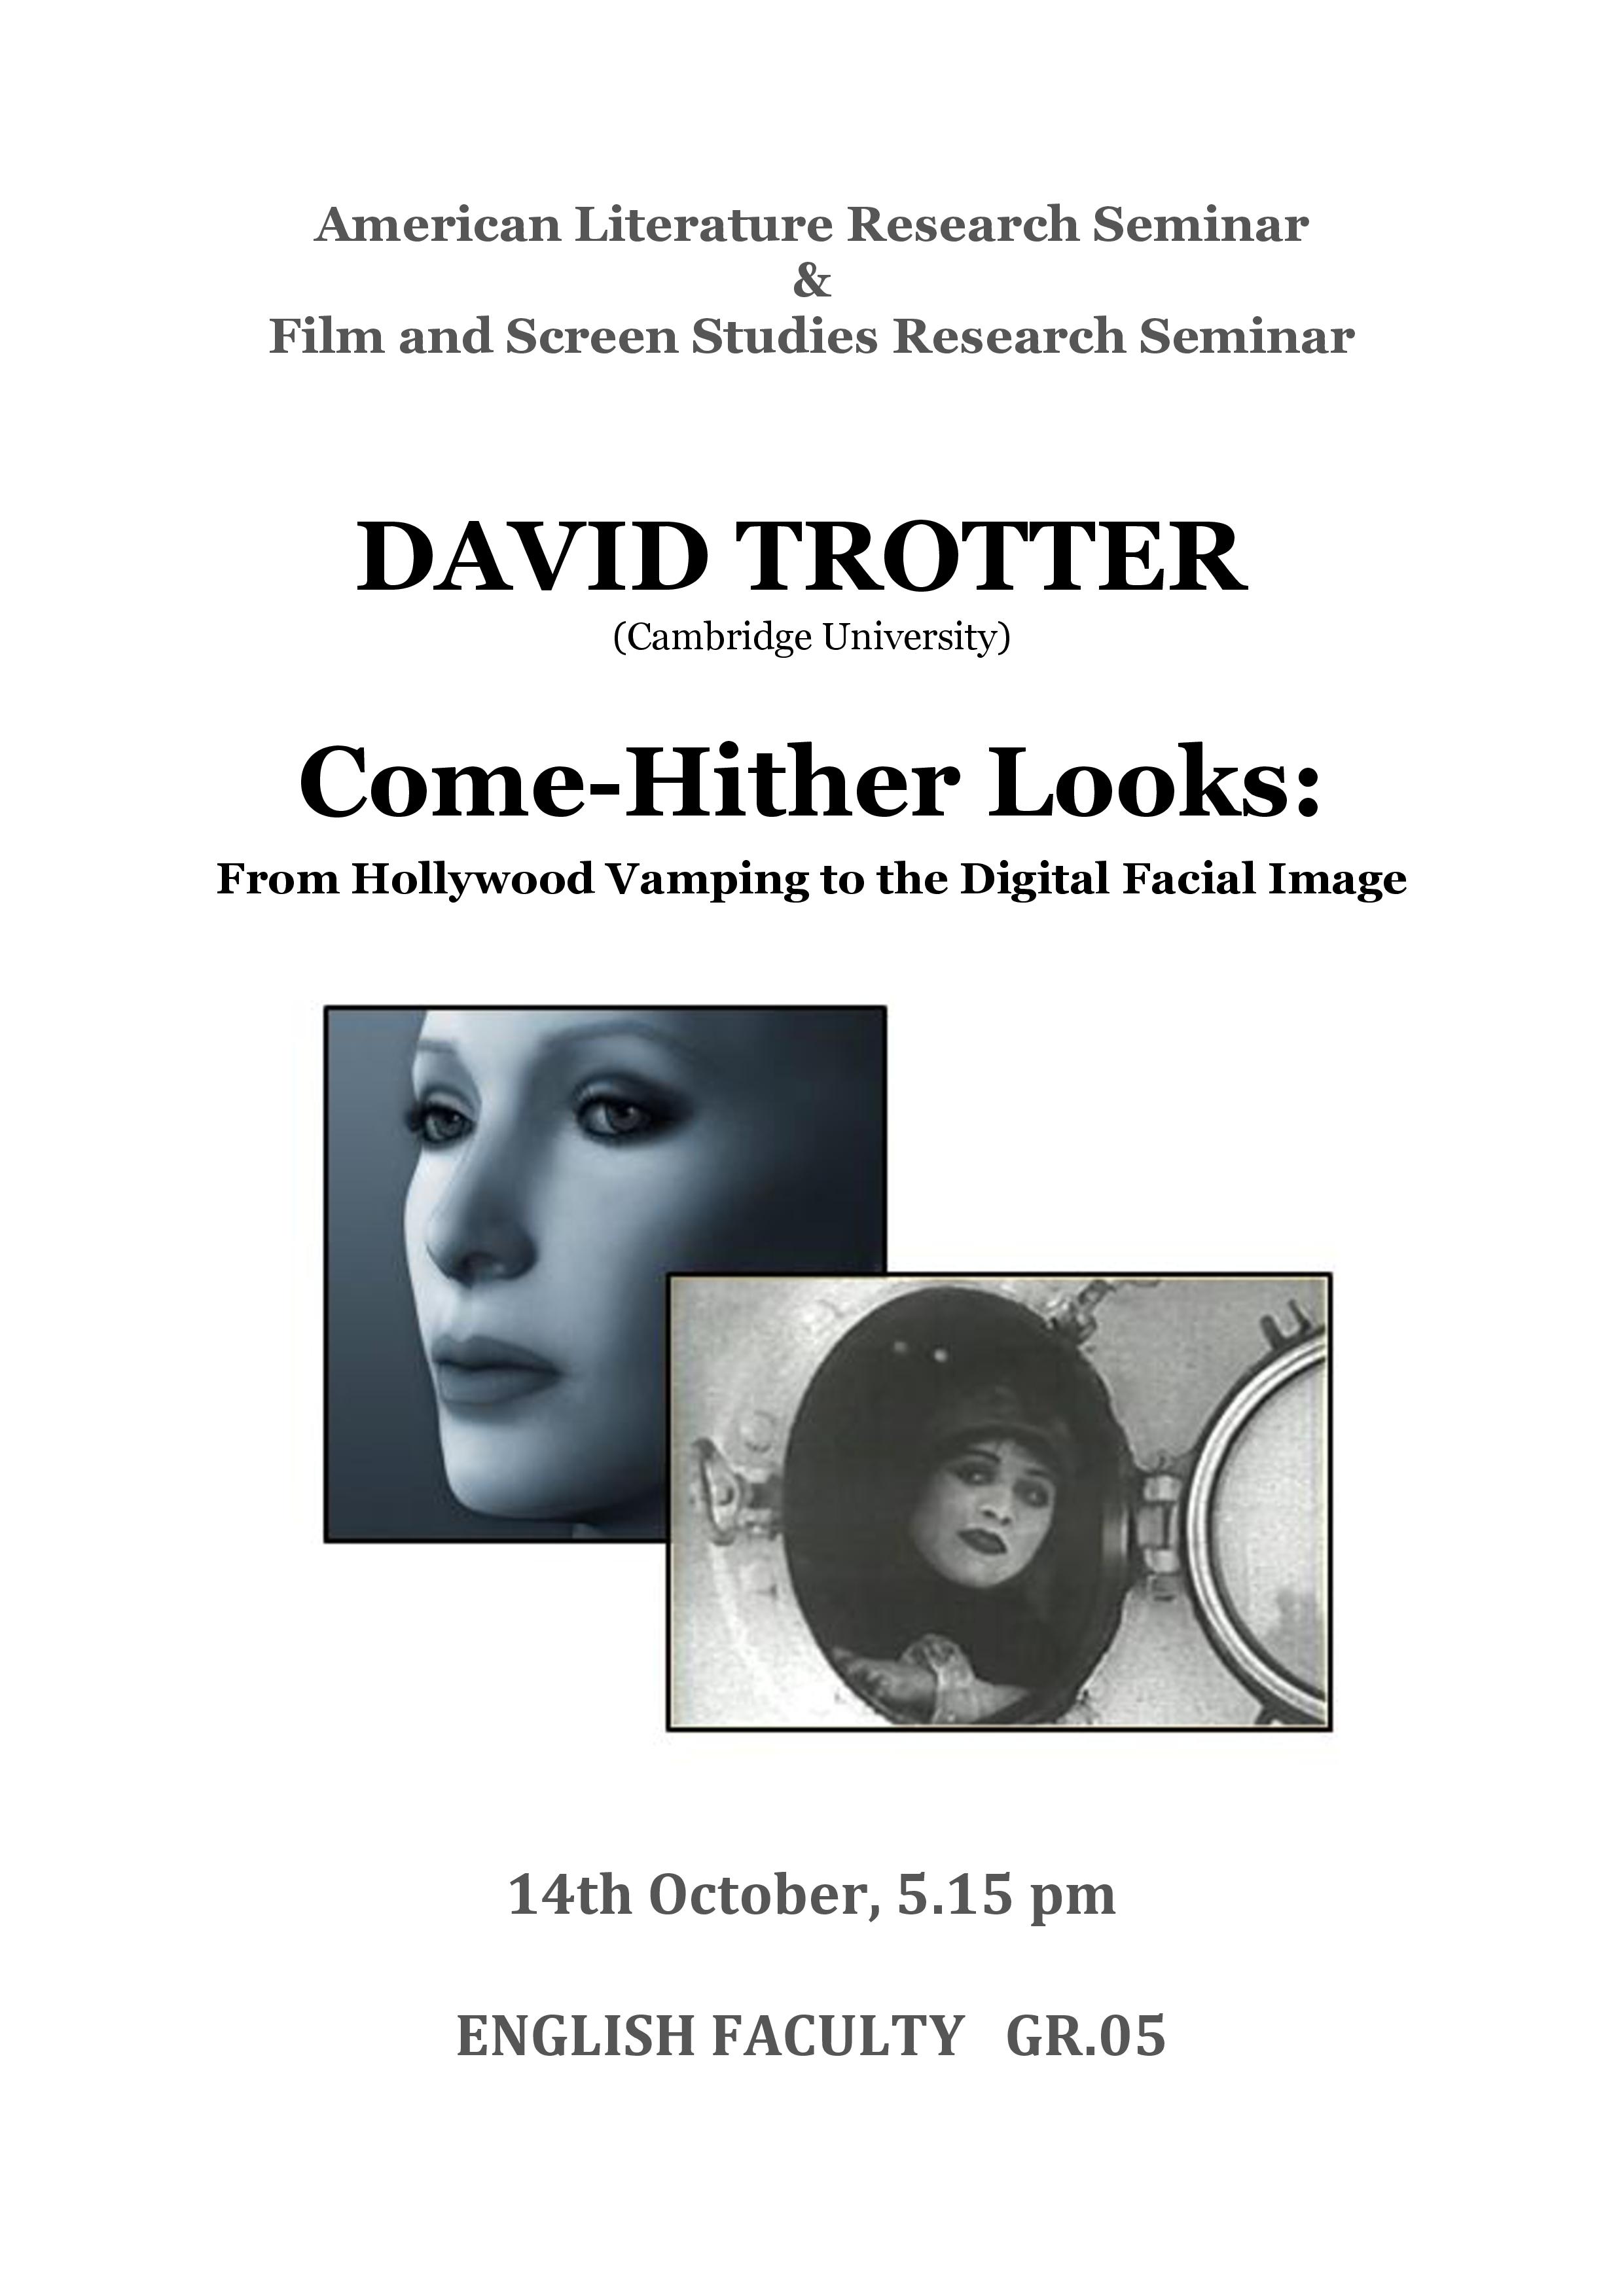 david trotter seminar 14 Oct-1